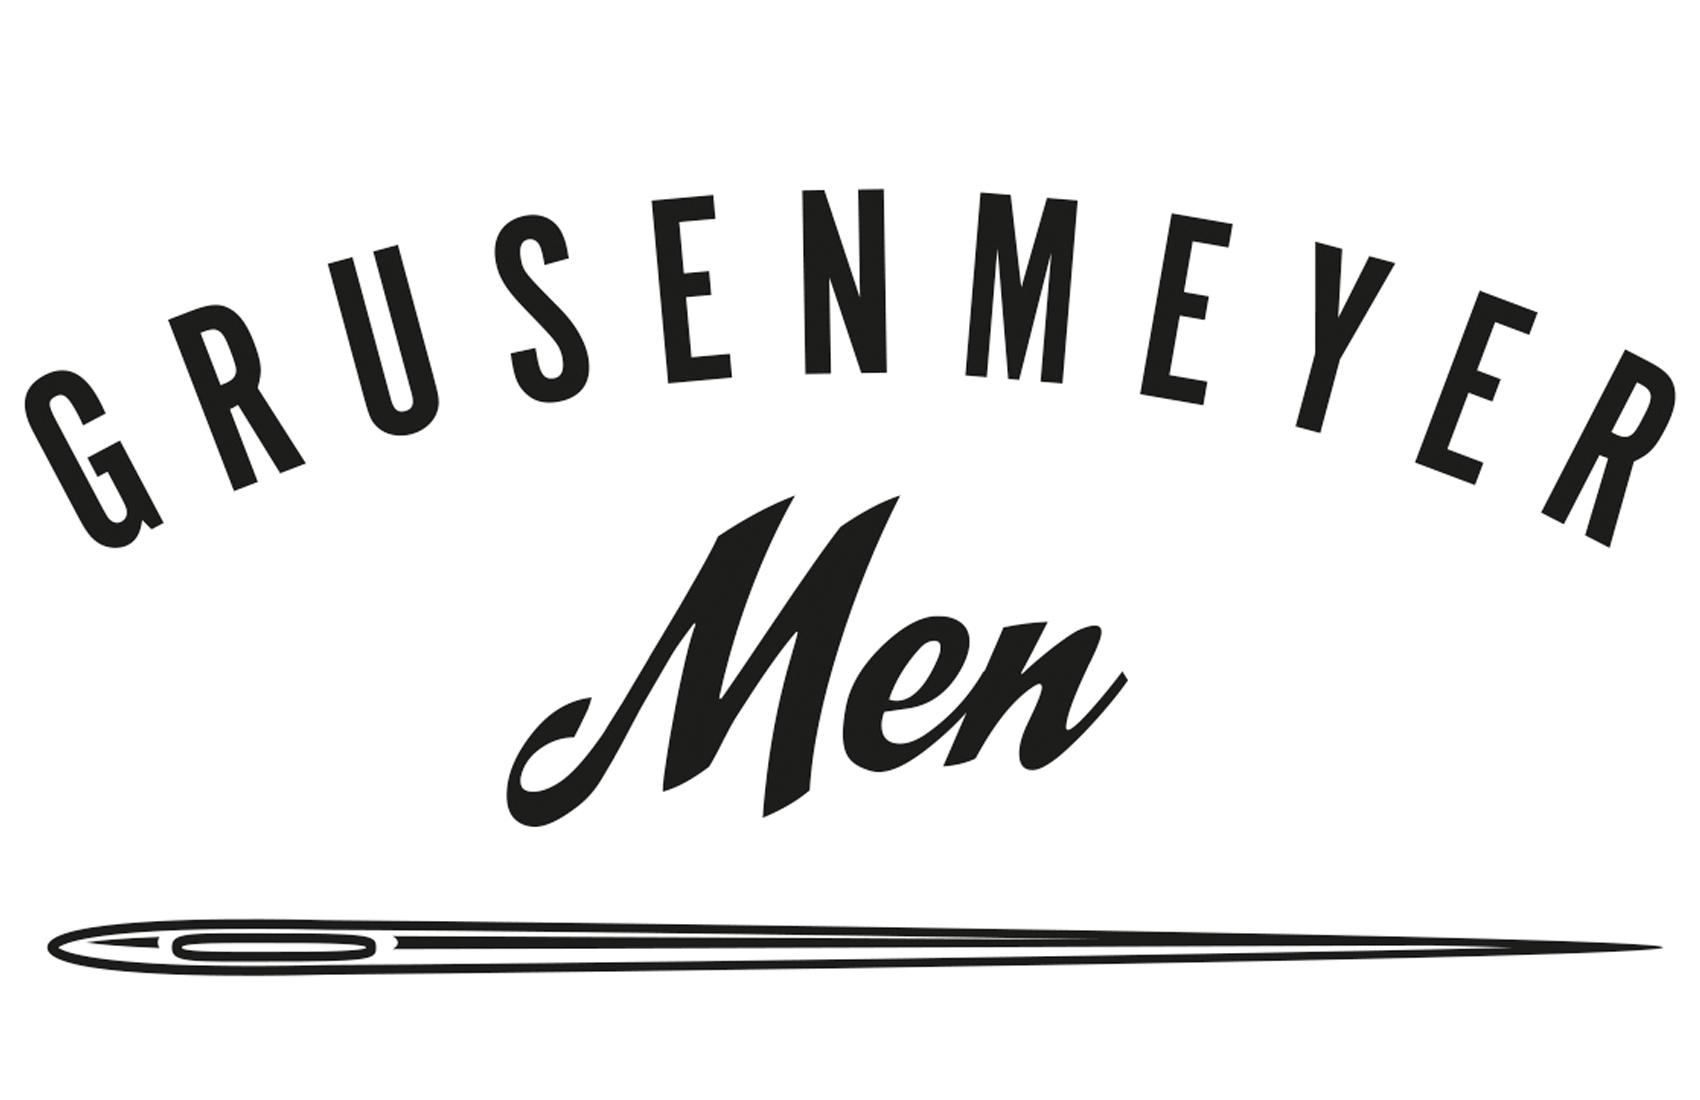 Grusenmeyer men